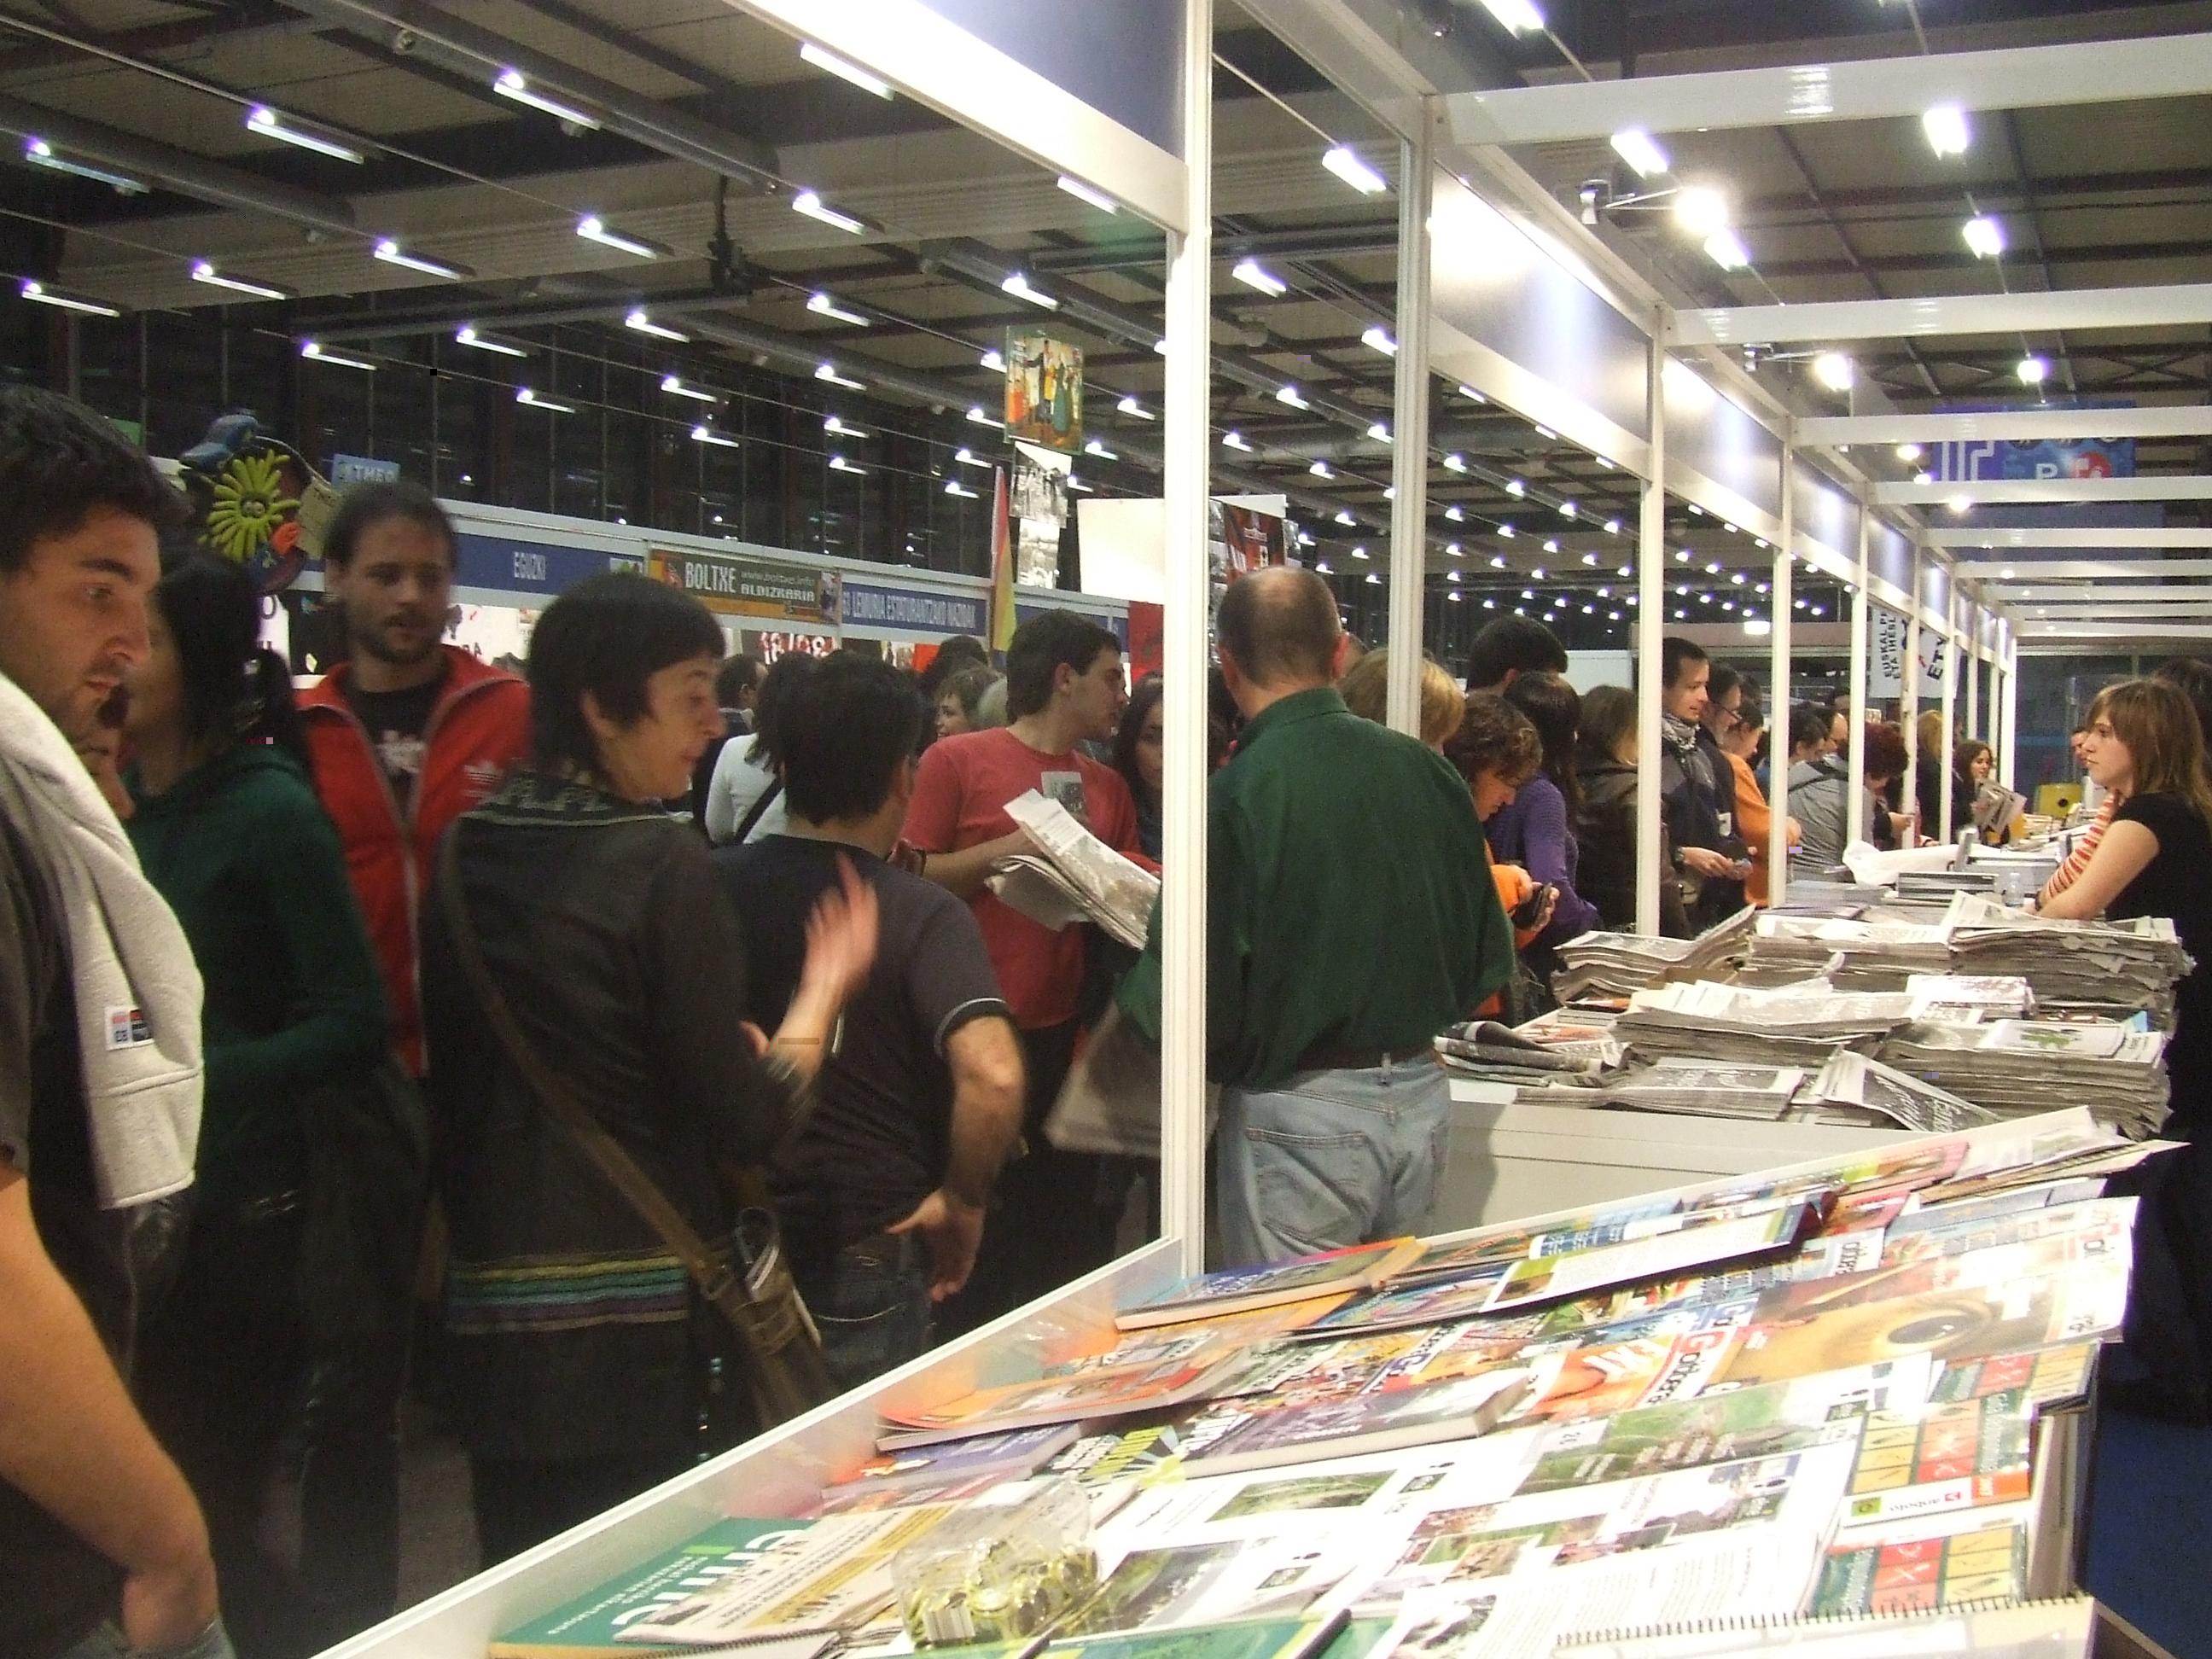 Depiction of Feria del libro y del disco vasco de Durango